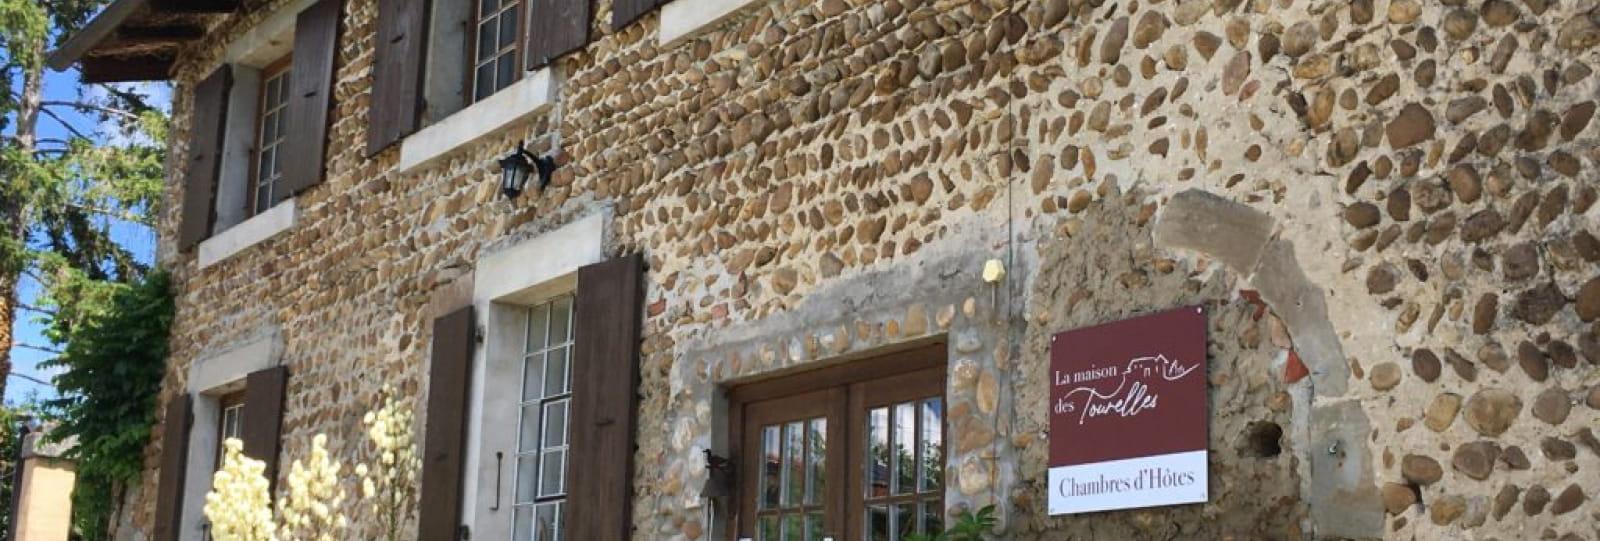 La Maison des Tourelles